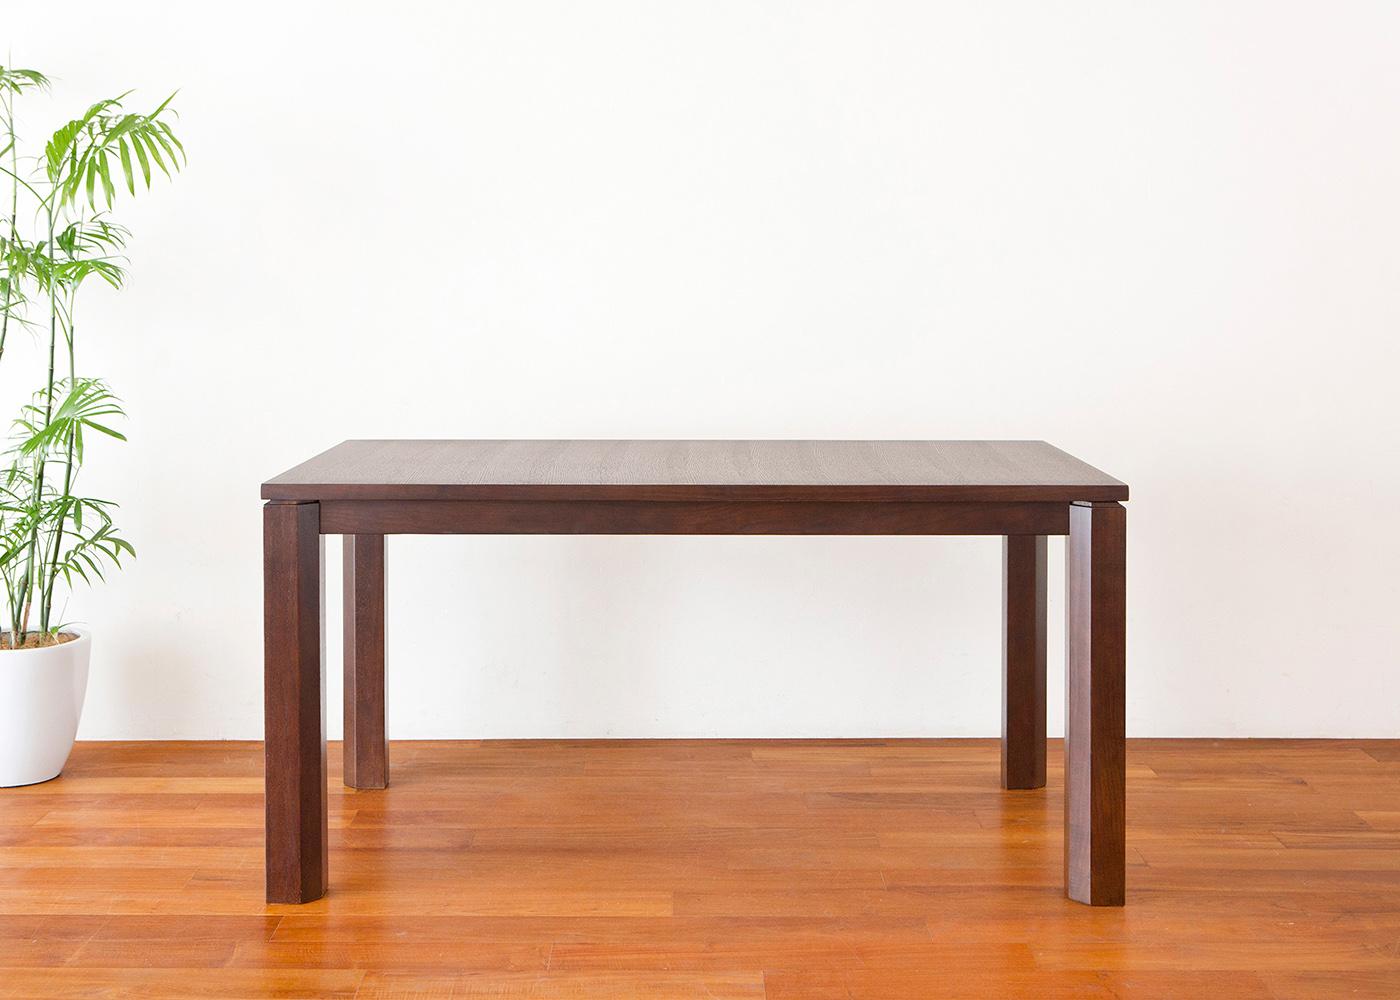 アイテム画像(エクステンション・ダイニングテーブルv02 1450 セット)メイン